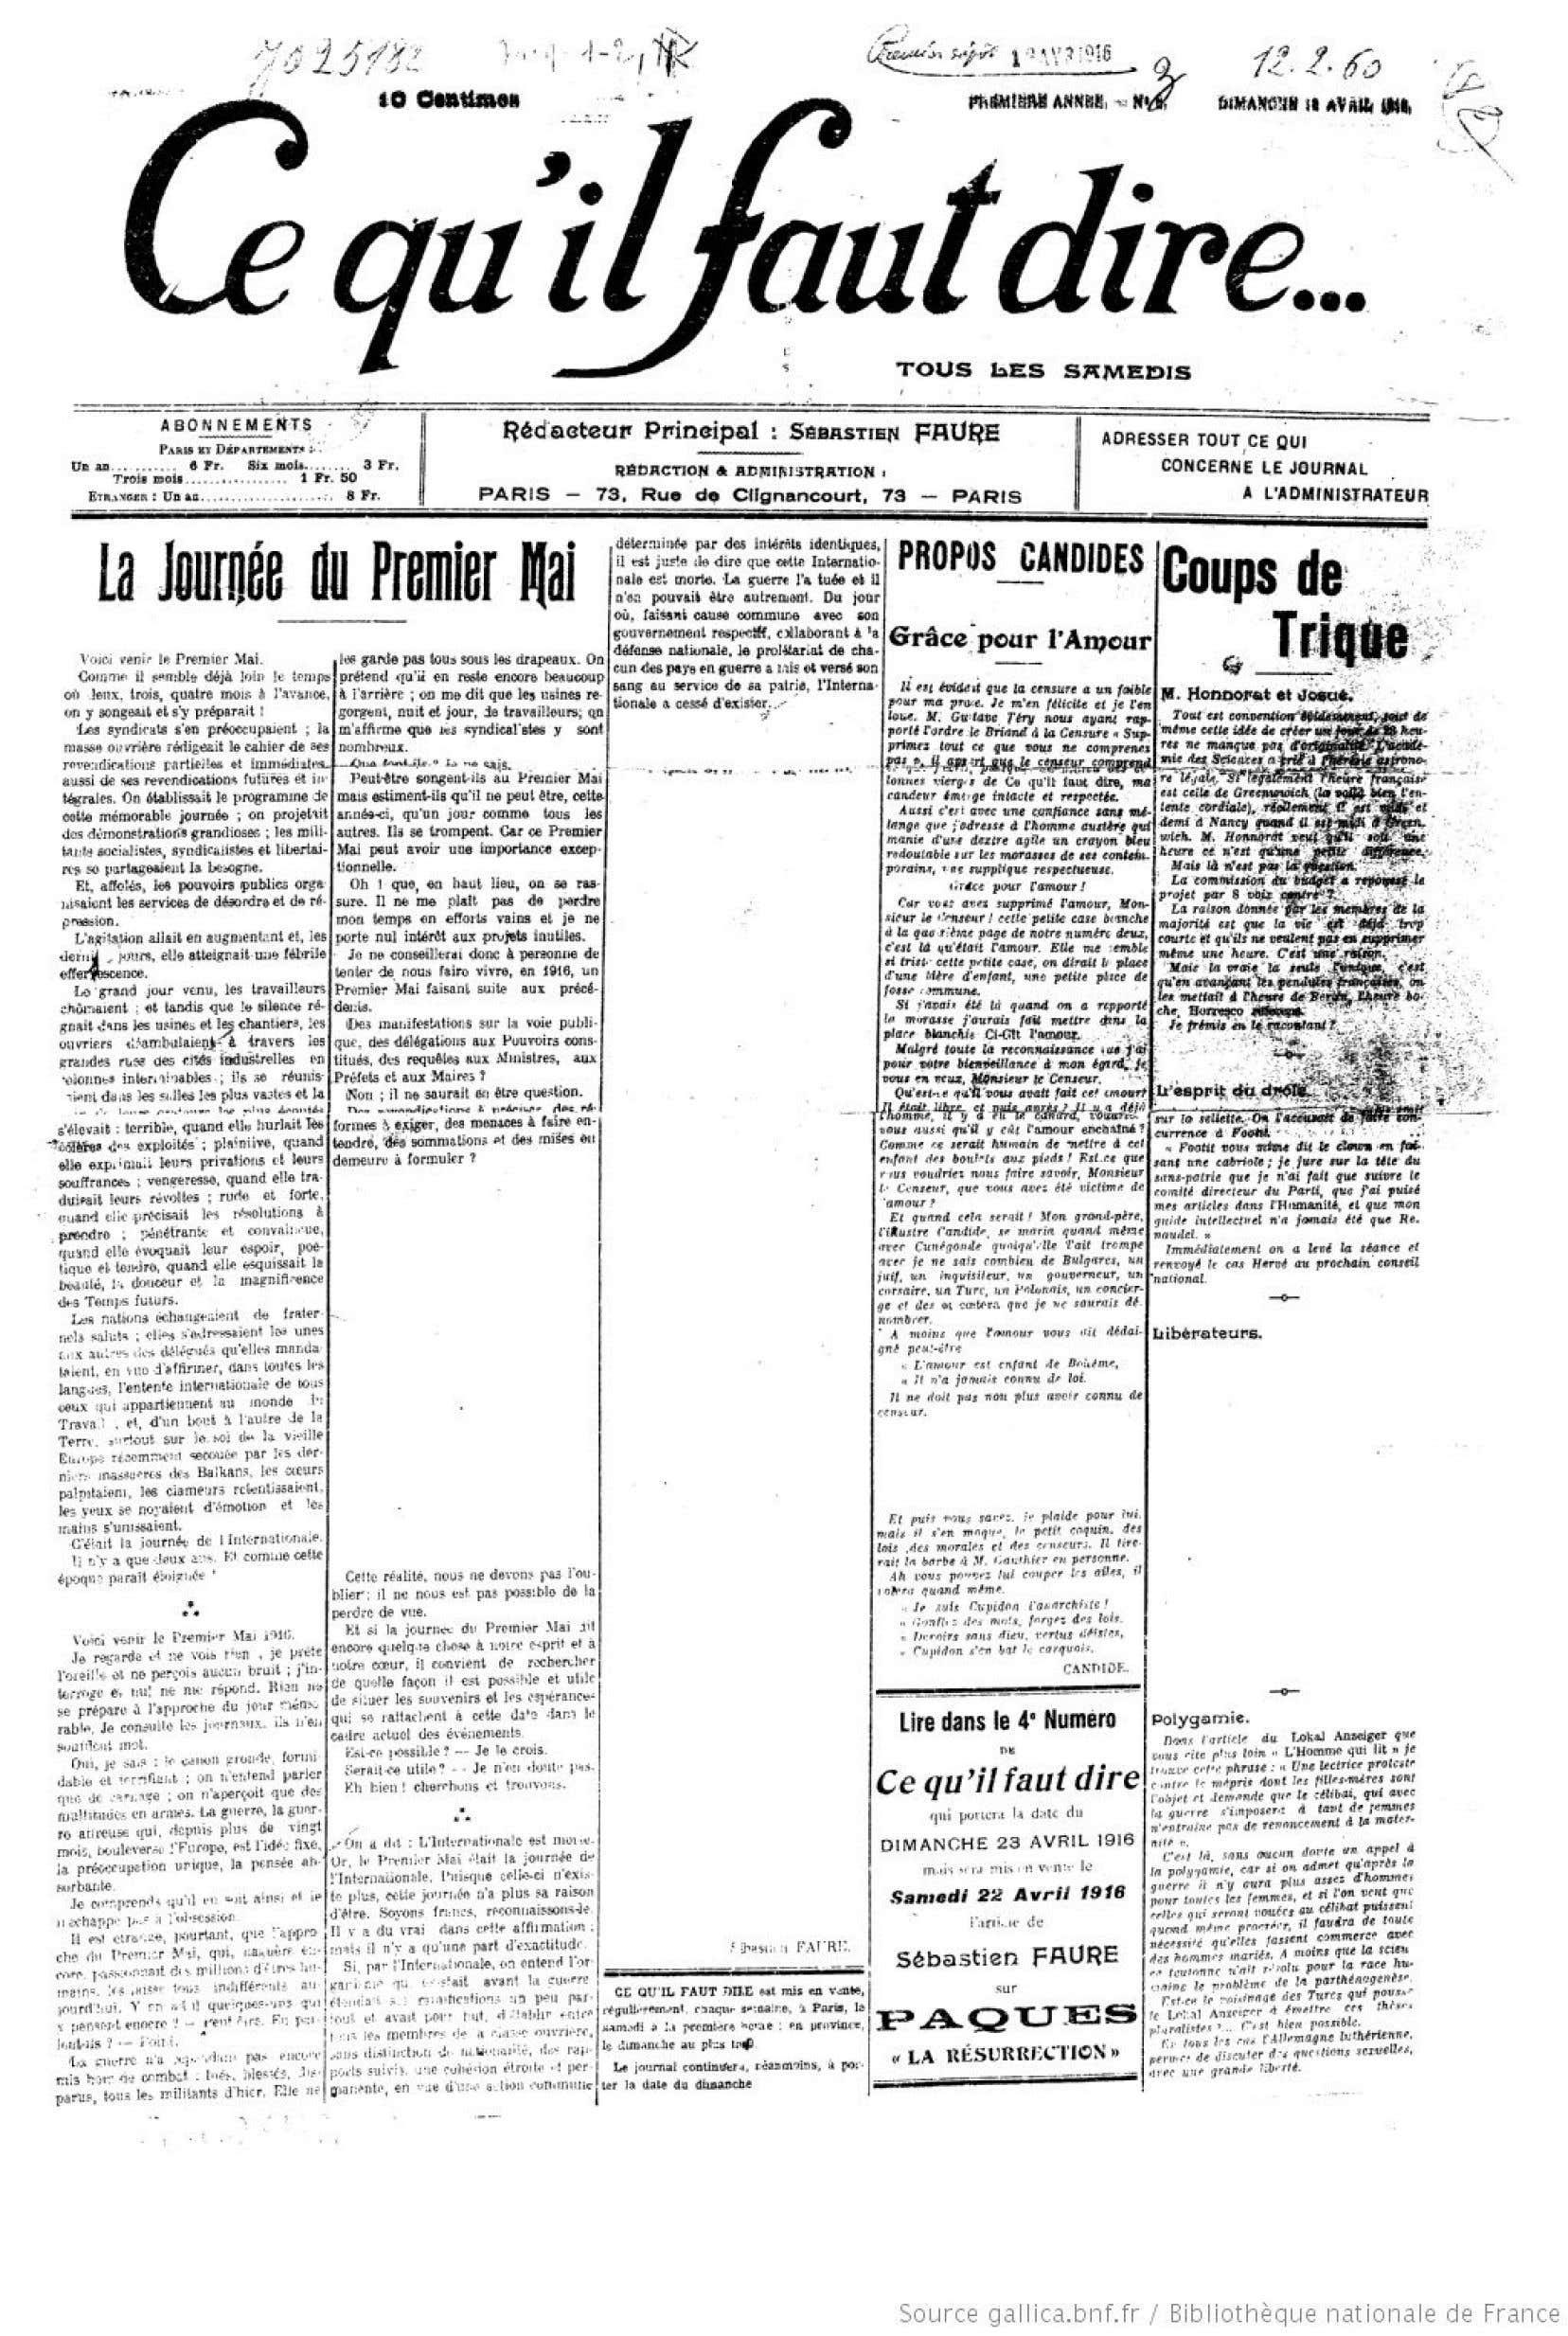 Censure dans le journal anarchiste français «Ce qu'il faut dire» du 18 avril 1916